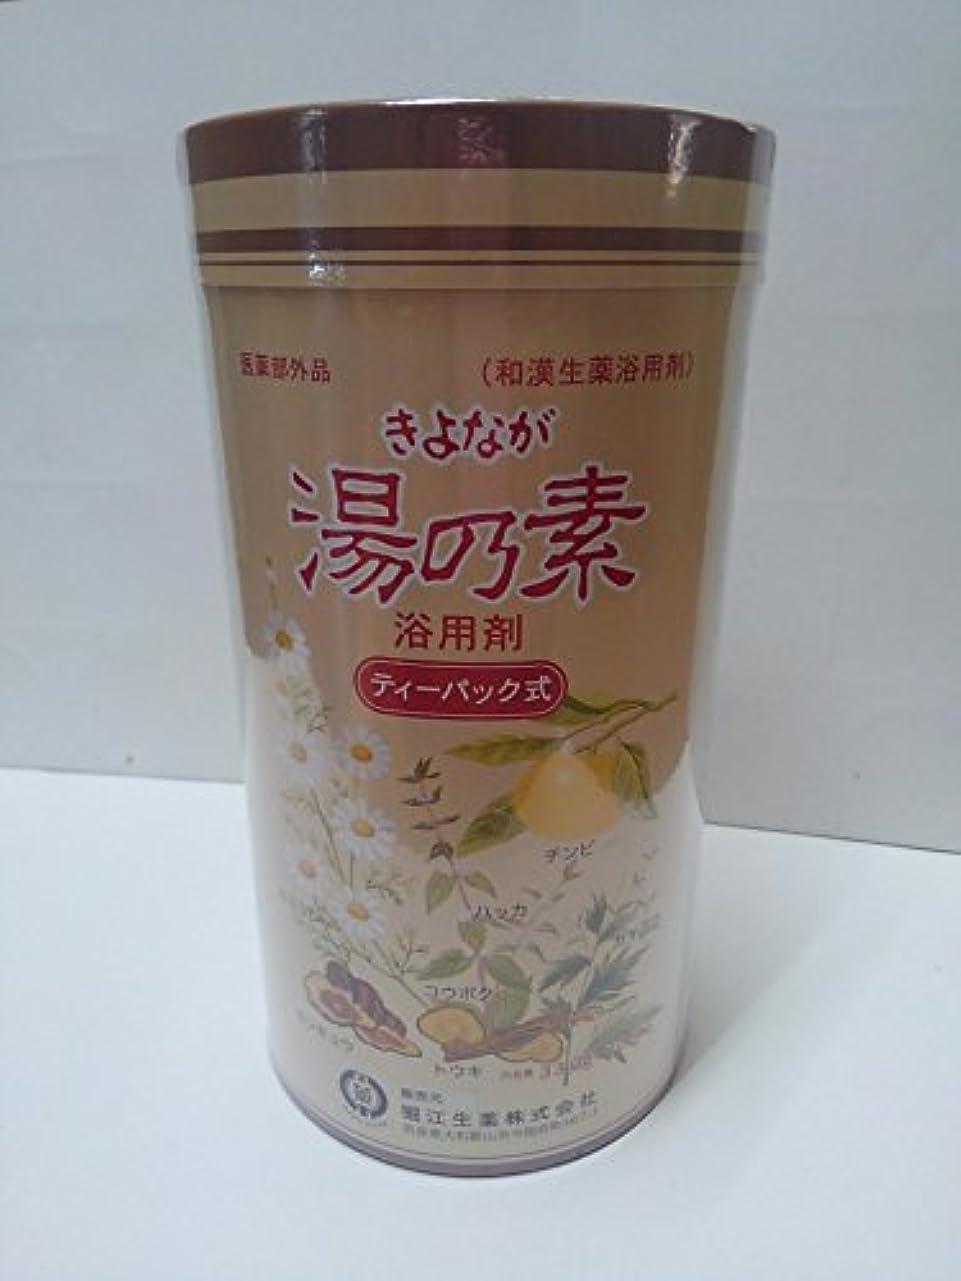 和漢生薬配合浴用剤 きよなが 「湯の素」 (テ?ーパック式)